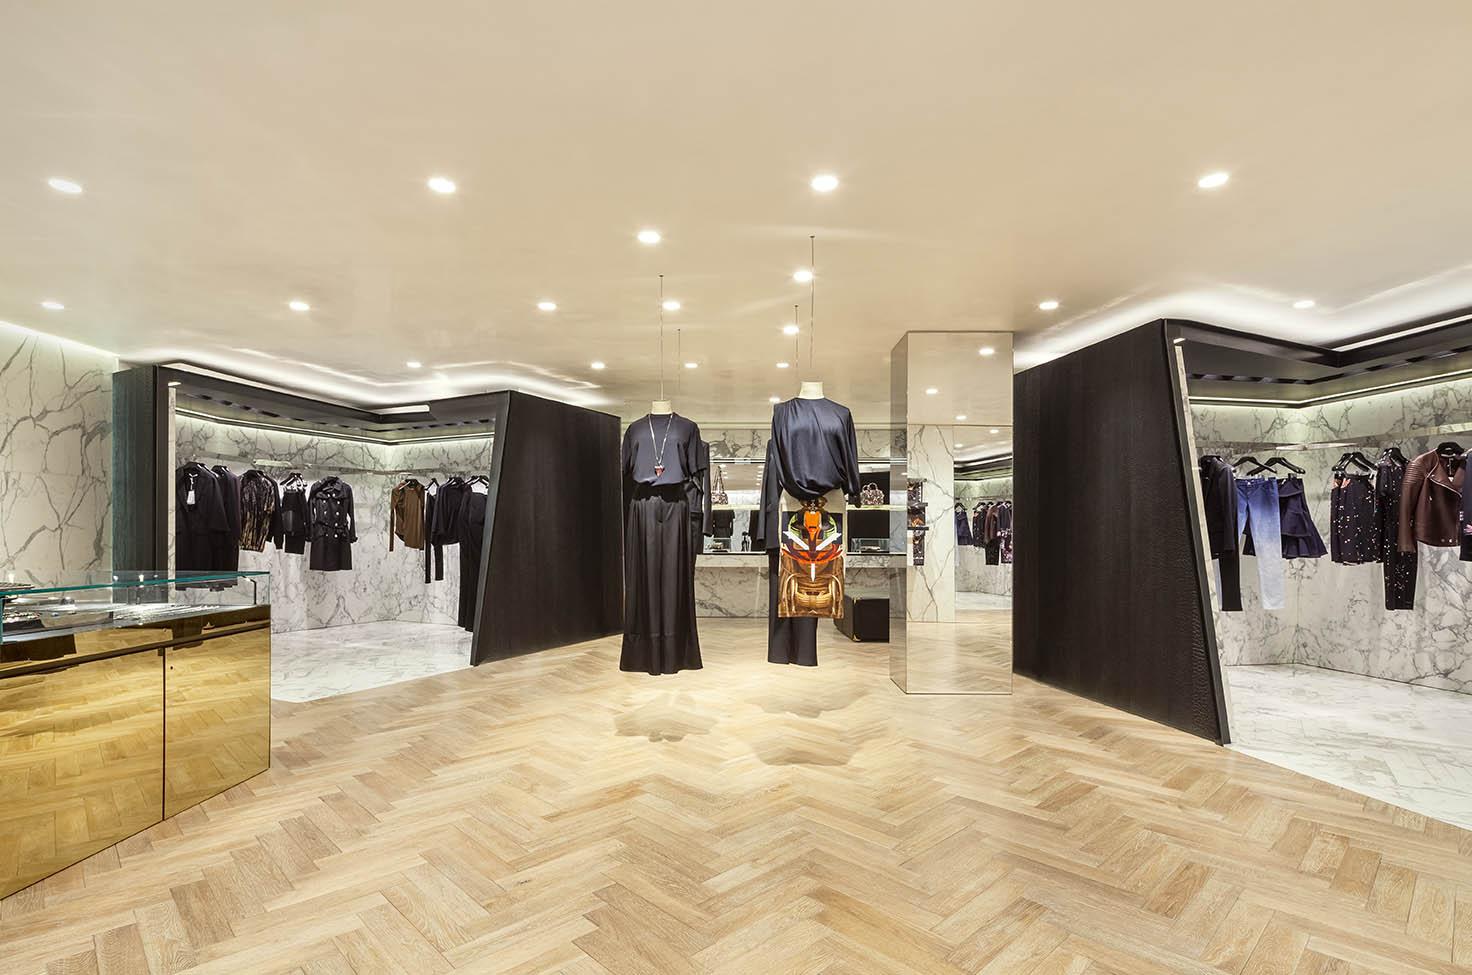 Gli interni si caratterizzano per l'uso di legno di quercia, marmo bianco Calacatta e basaltina